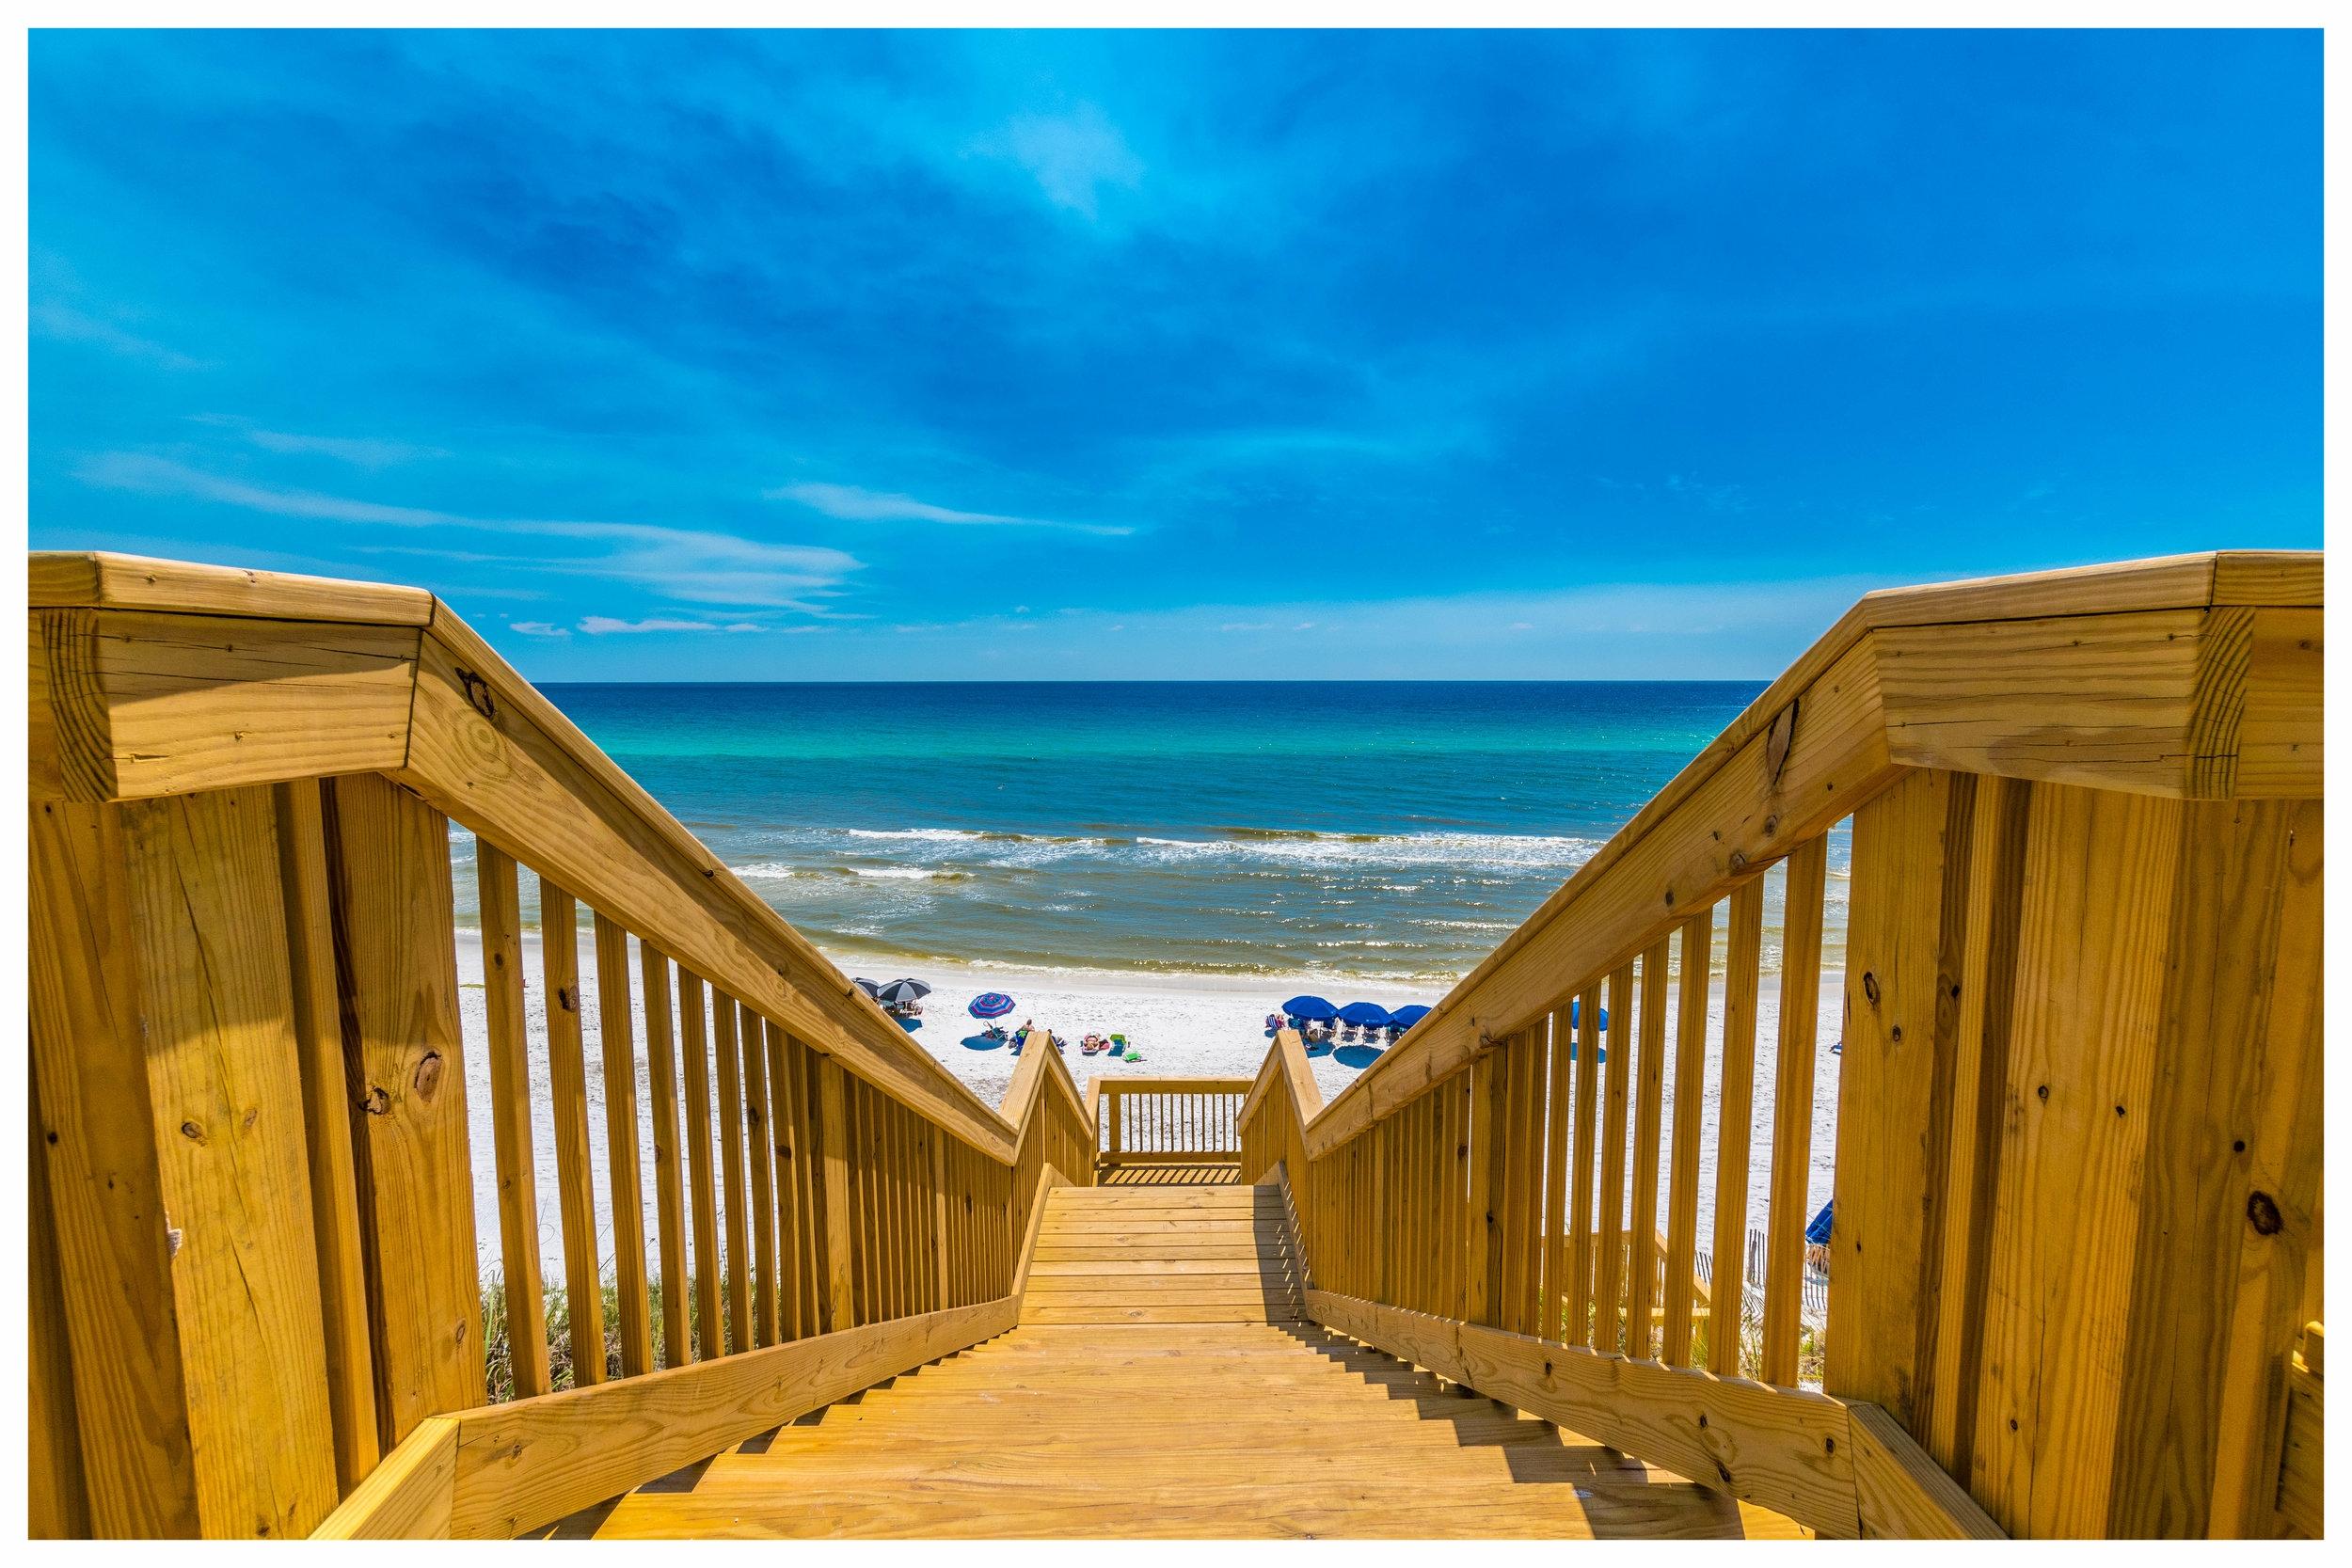 Beach Access Contractor